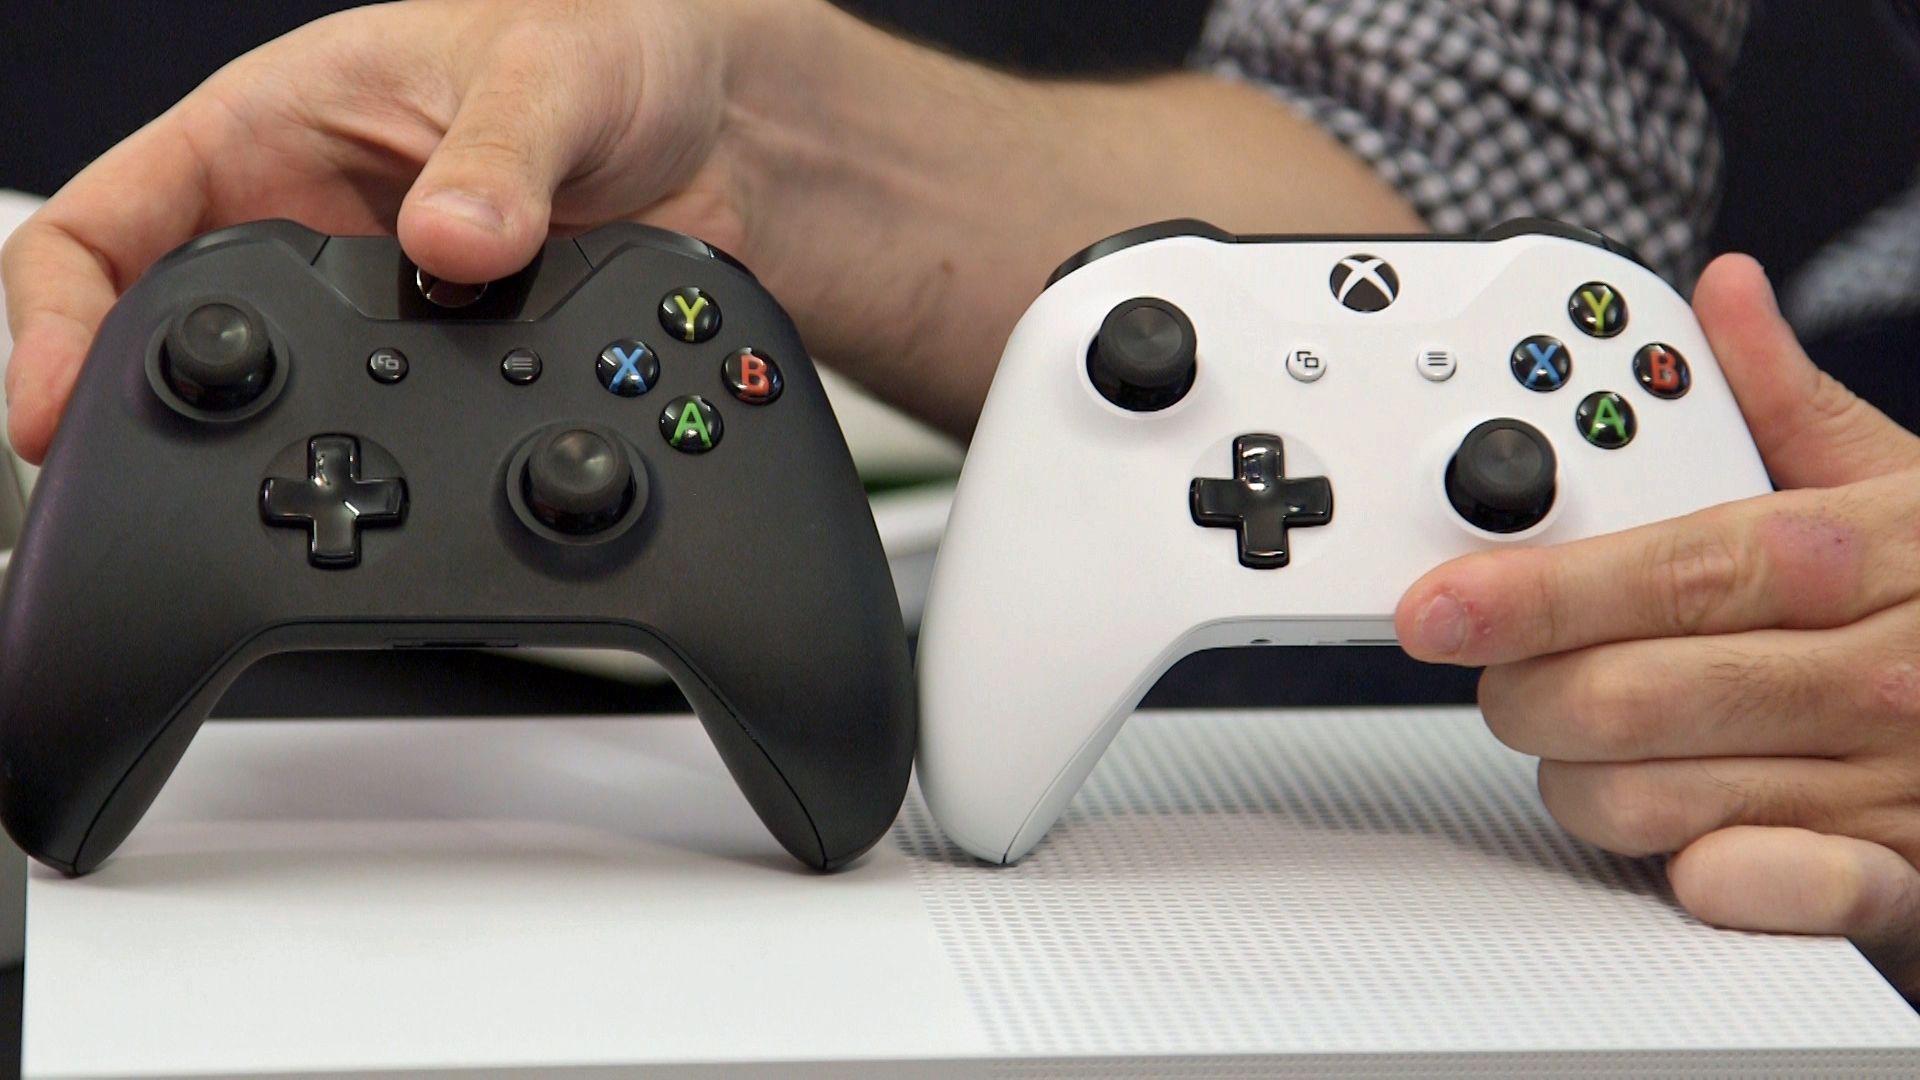 Xbox One S Vs Xbox One Xbox One S Specs Price And Games Compared Xbox One Games Xbox One Xbox